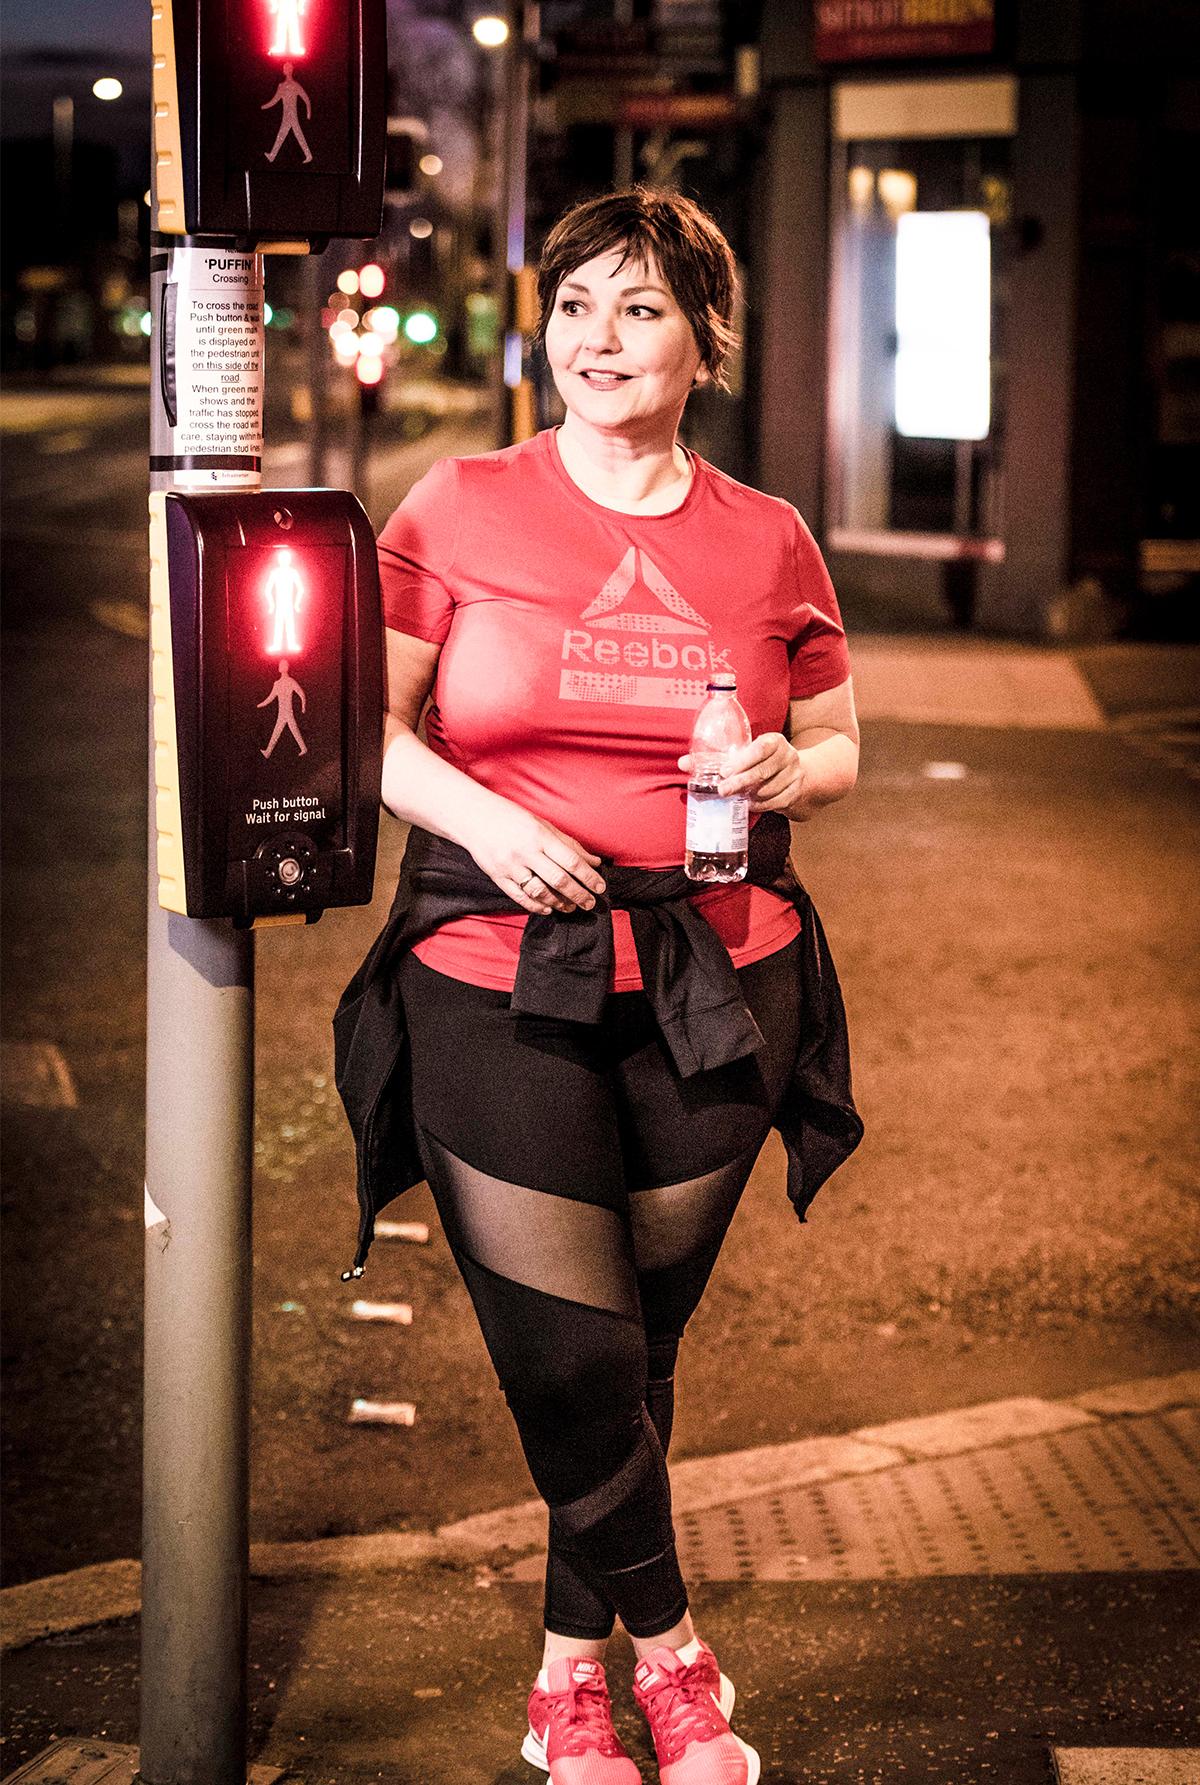 Texterella wird fit! Warum es mir schwer fällt Sport zu treiben und wie ich trotzdem die Kurve kriege. Texterella ist ein Blog für Frauen über 40.